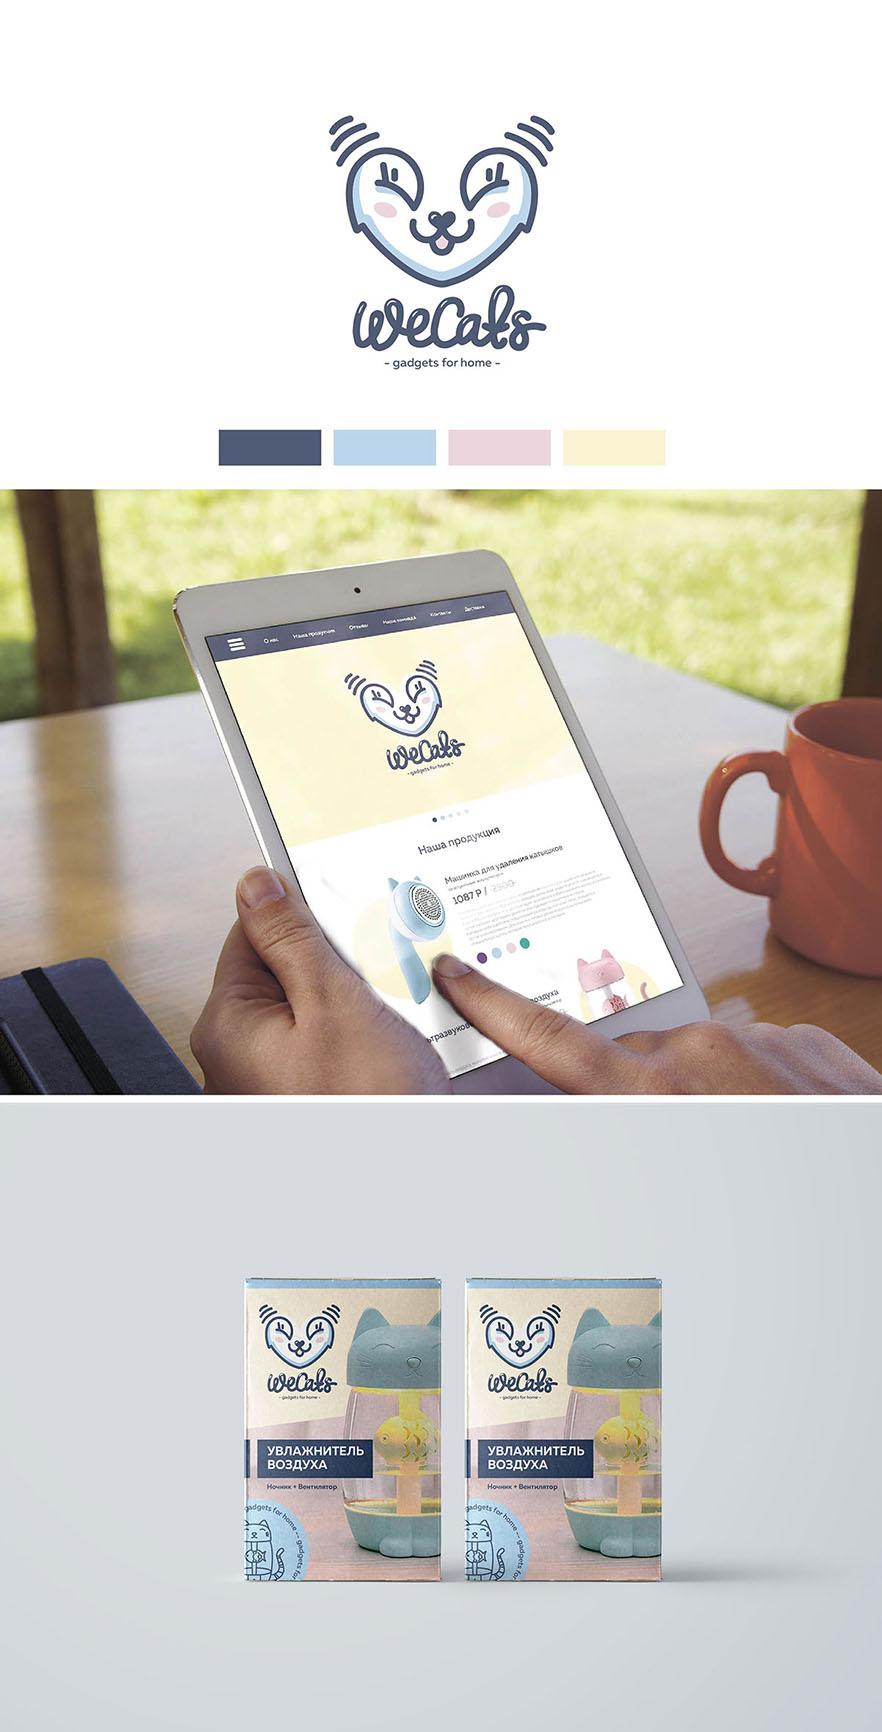 Создание логотипа WeCats фото f_0495f1c5e44596e9.jpg